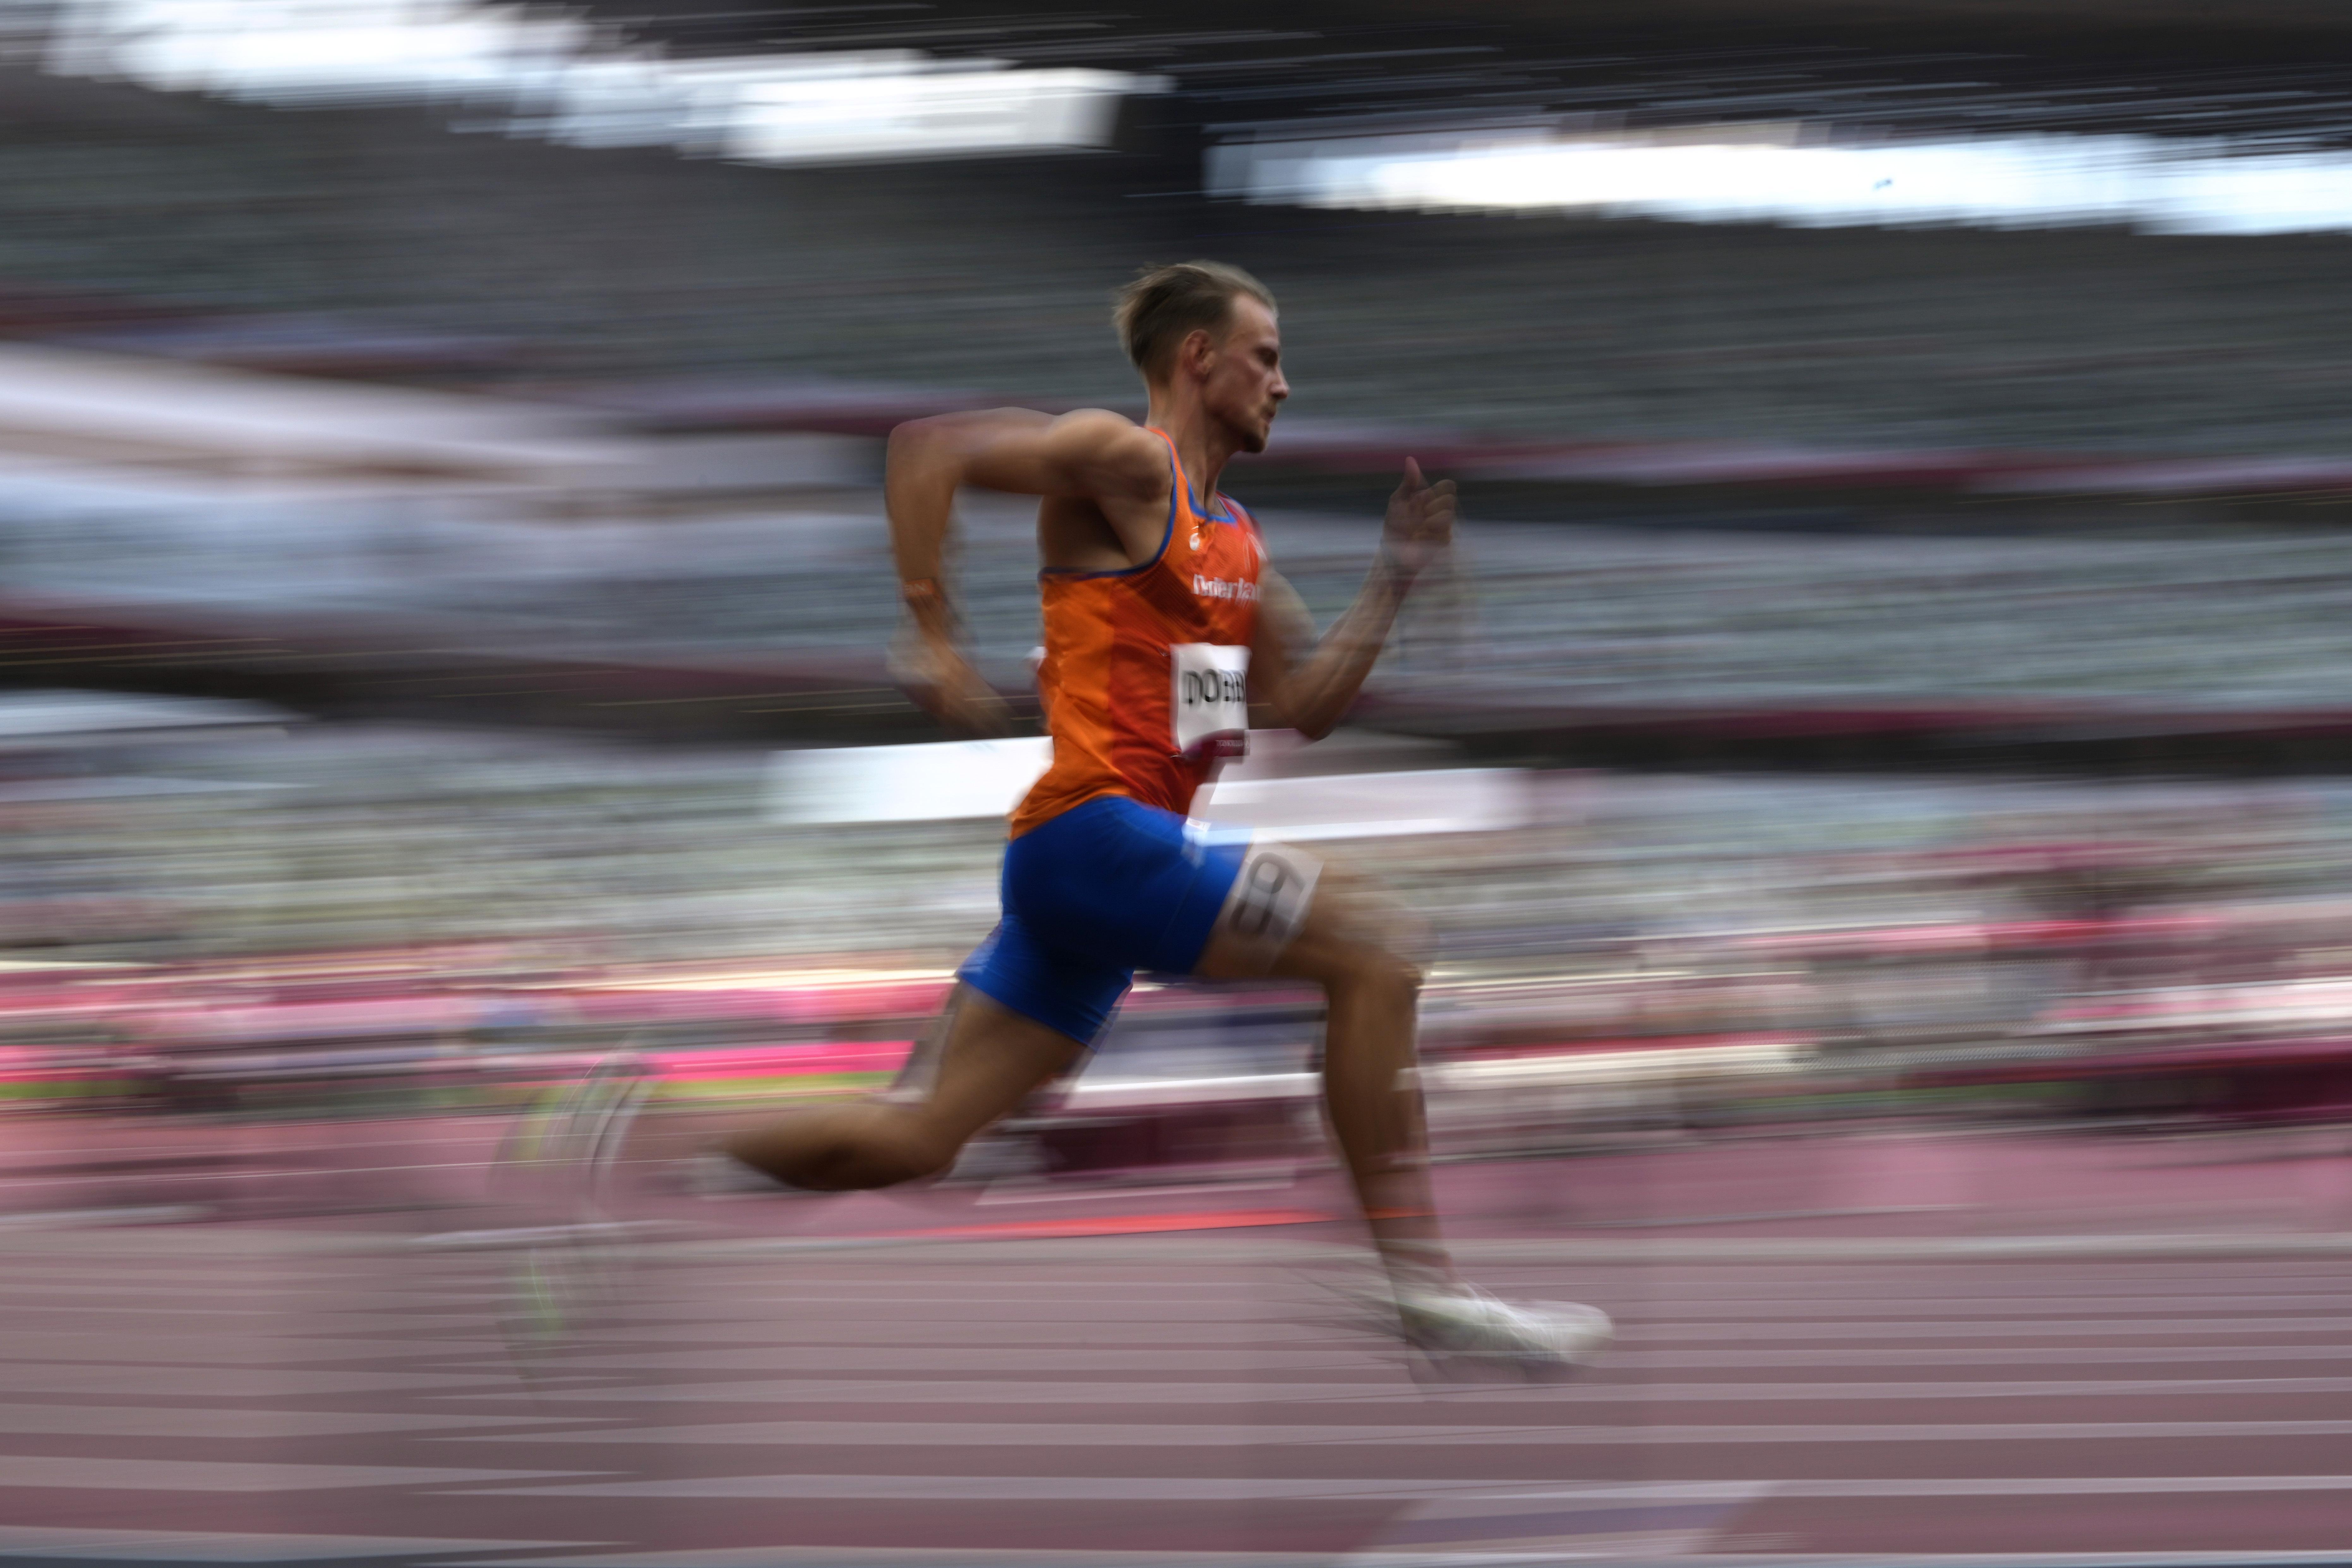 Atleten Dobber en Bonevacia naar halve finales 400 meter in Tokio